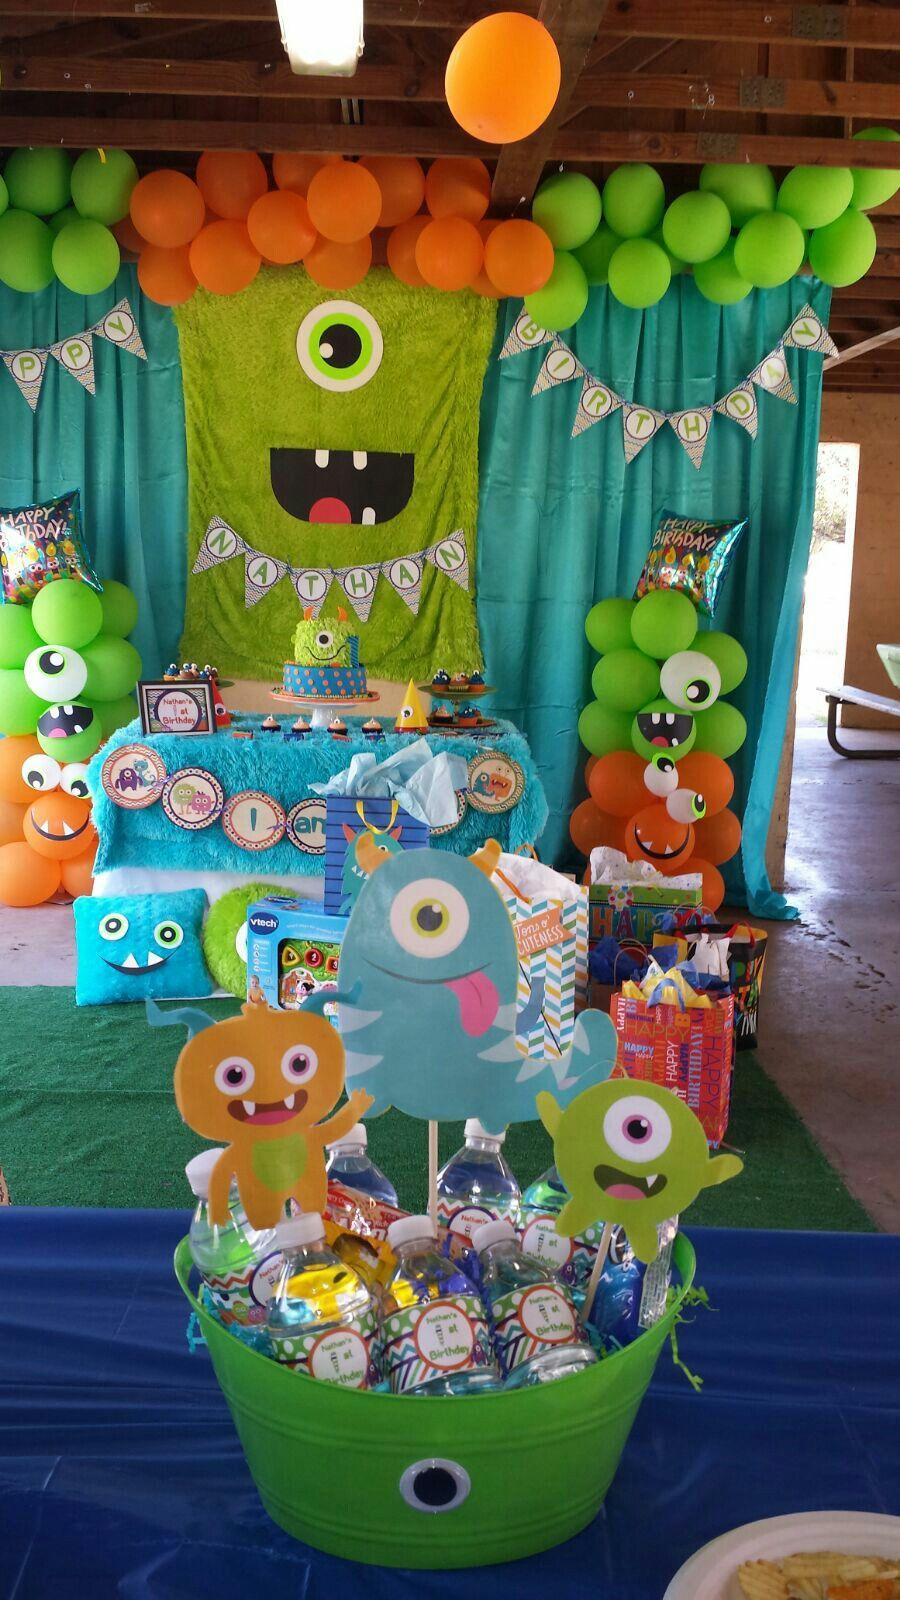 Nathans Monster Bash Monster 1st Birthdays Boys 1st Birthday Party Ideas Baby Boy 1st Birthday Party